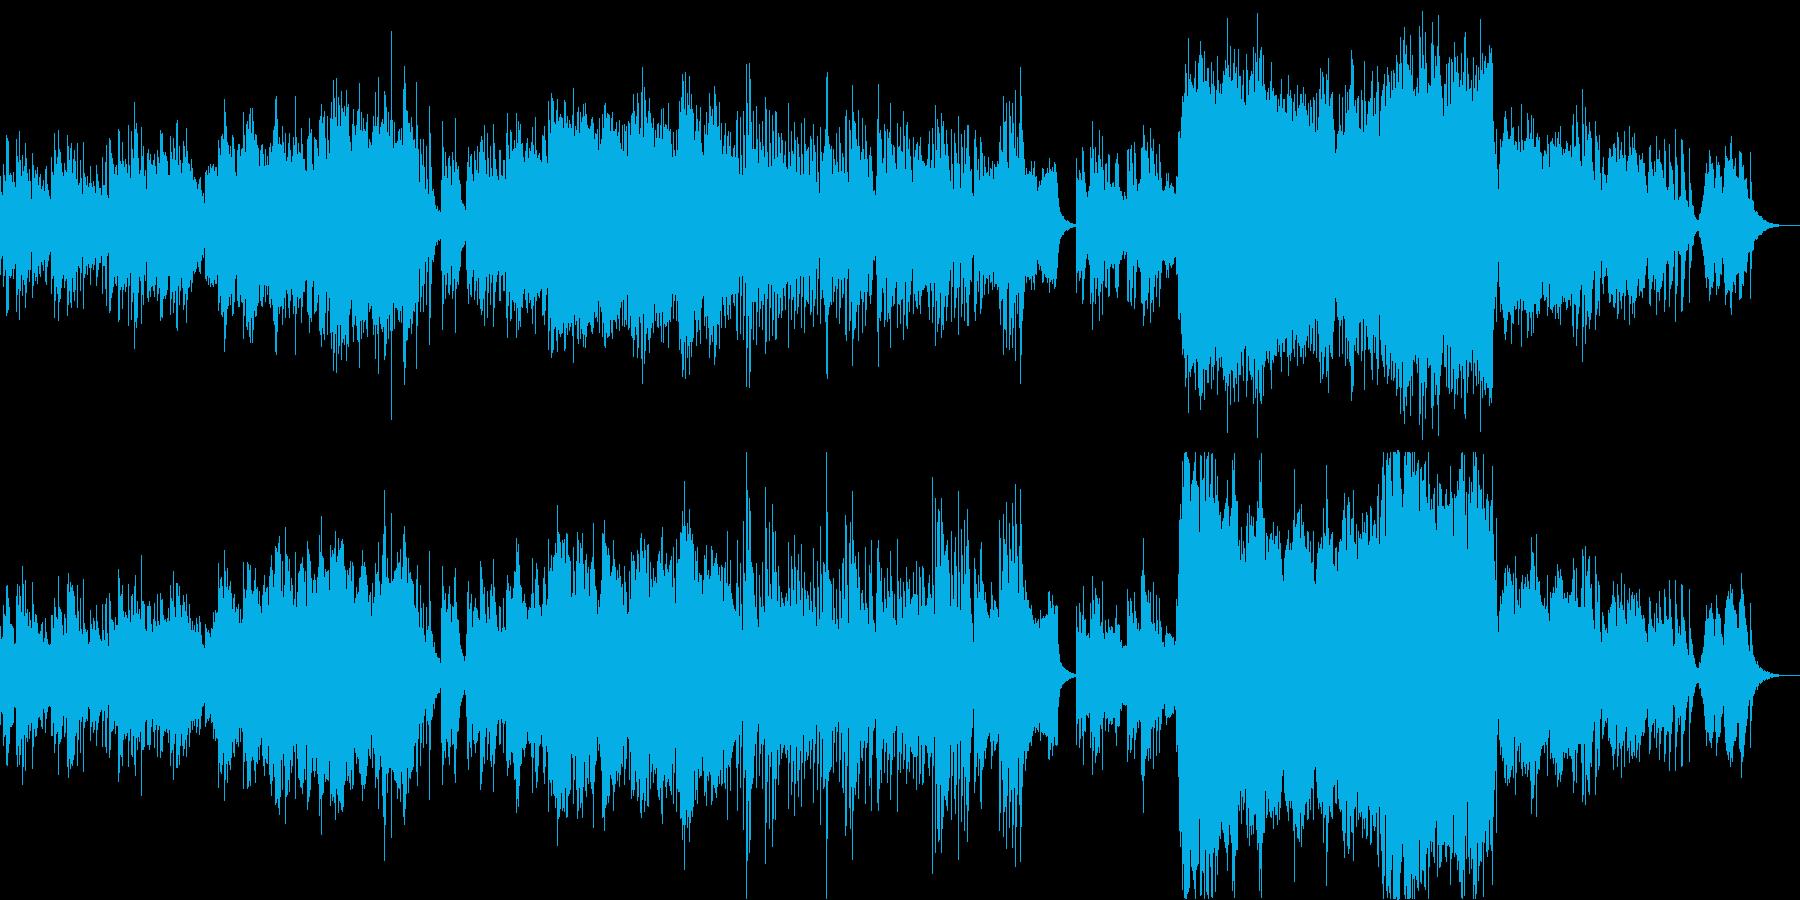 琴(生演奏)の音色が美しい和風曲の再生済みの波形